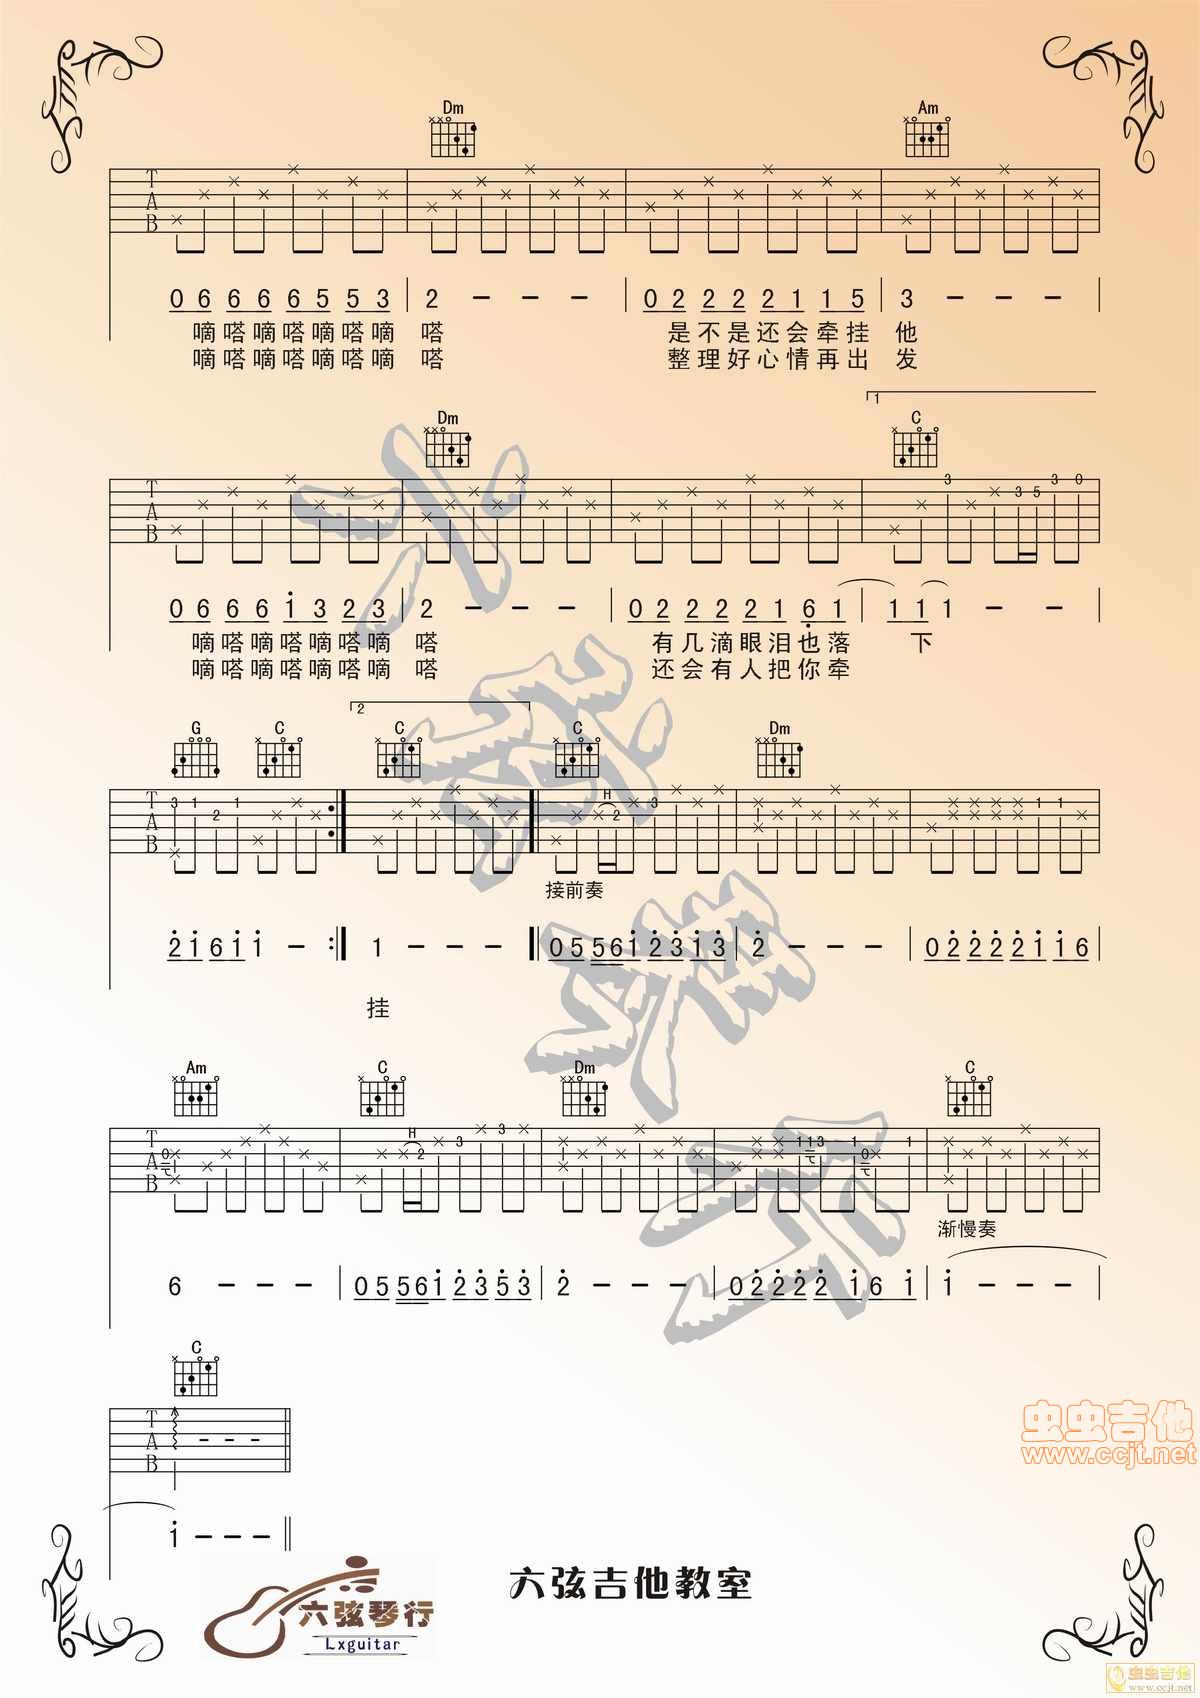 滴答 吉他 谱 第 2 页 宽 1200 1698 高 滴答 滴答 吉他 谱 ...